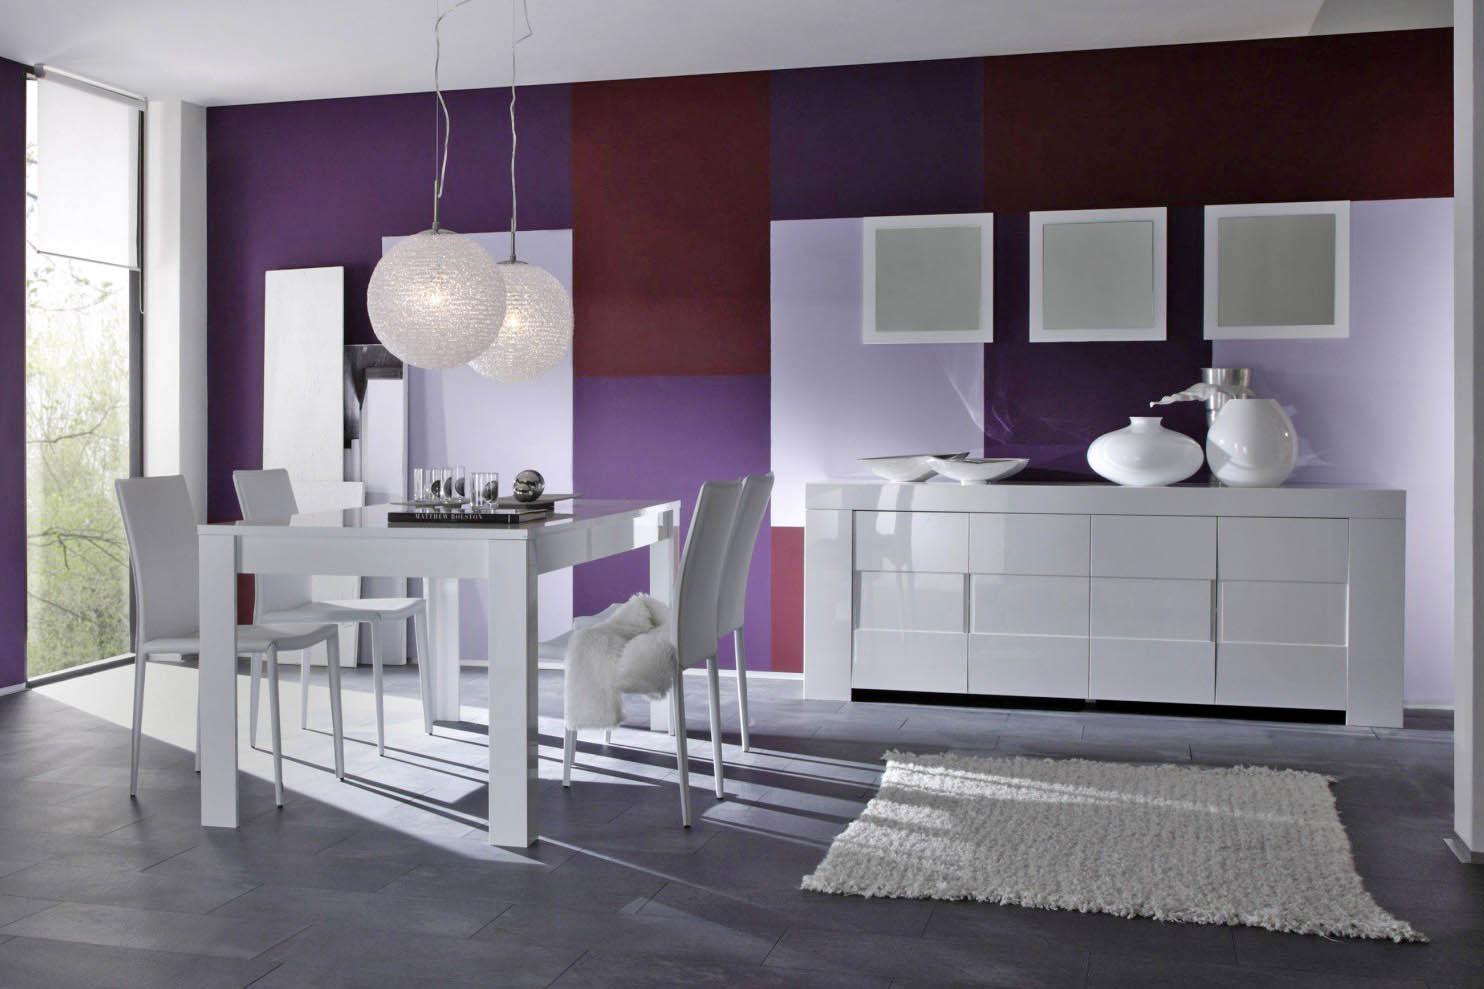 Salle manger meubl et design blanc meuble et for Meuble salle a manger salon